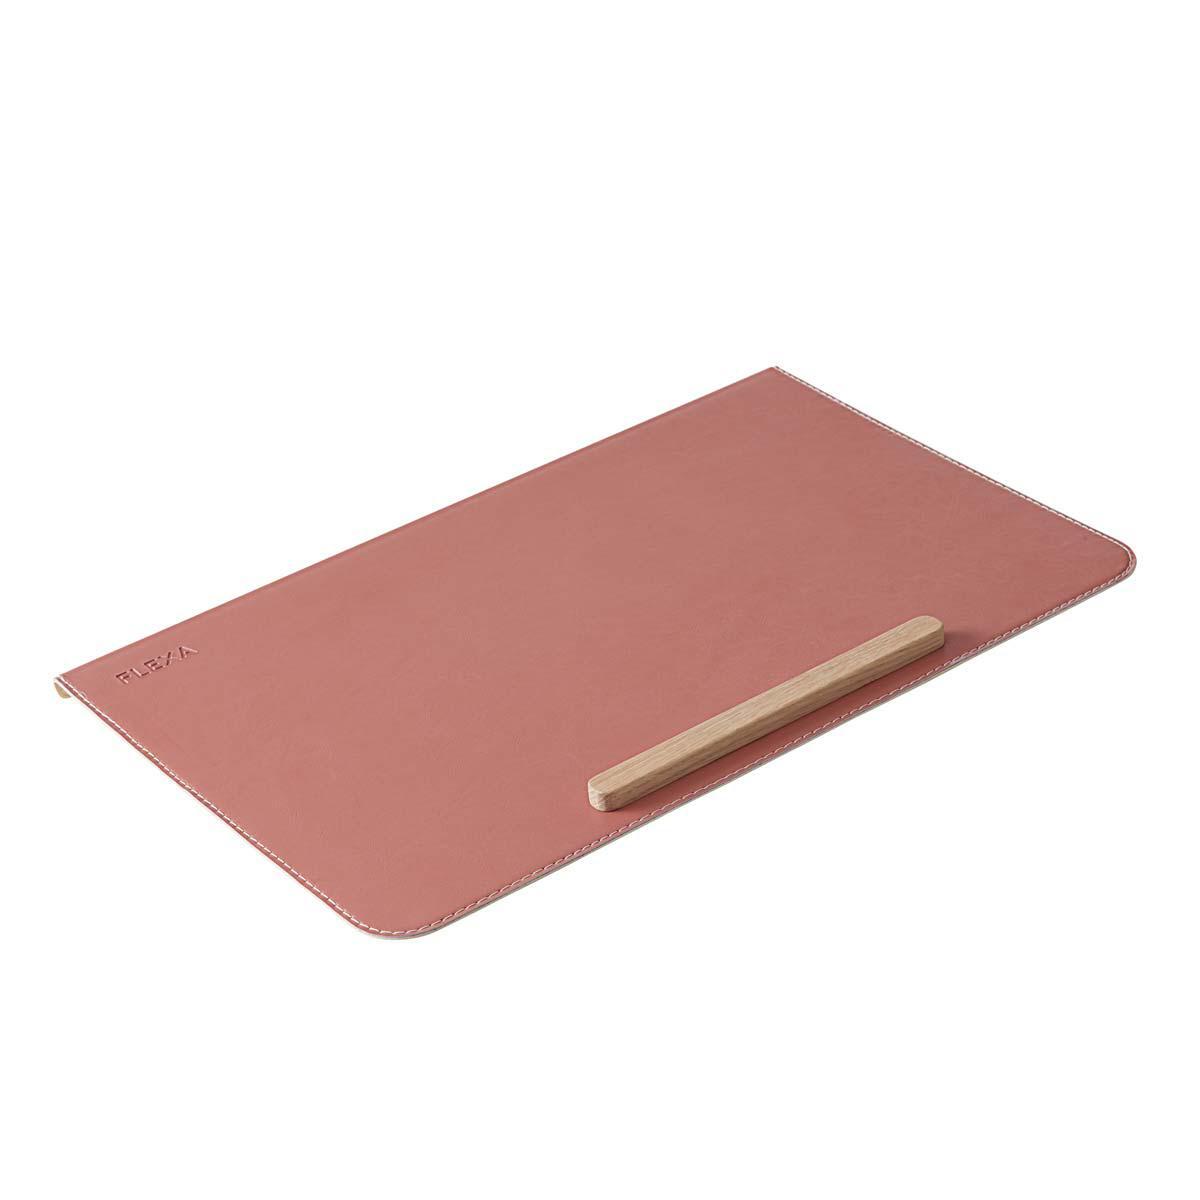 Schreibtischunterlage Kunstleder STUDY Flexa rosa